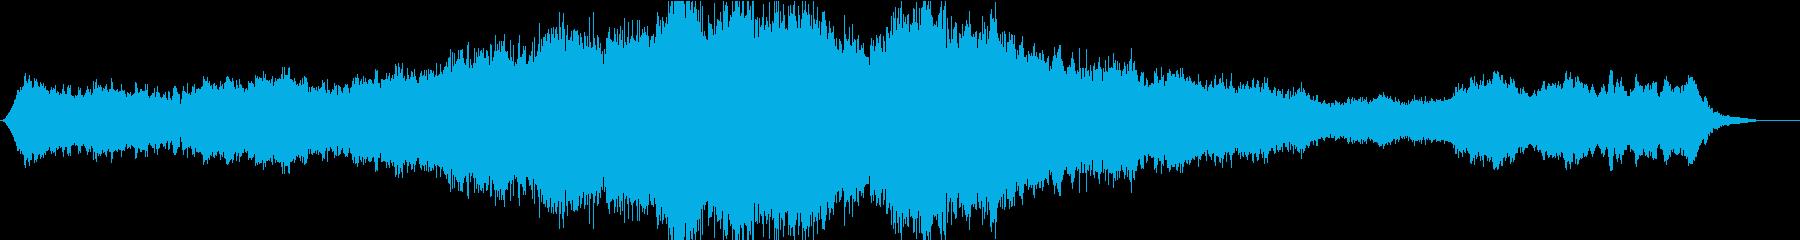 恐怖ホラー・サスペンス不気味オーケストラの再生済みの波形